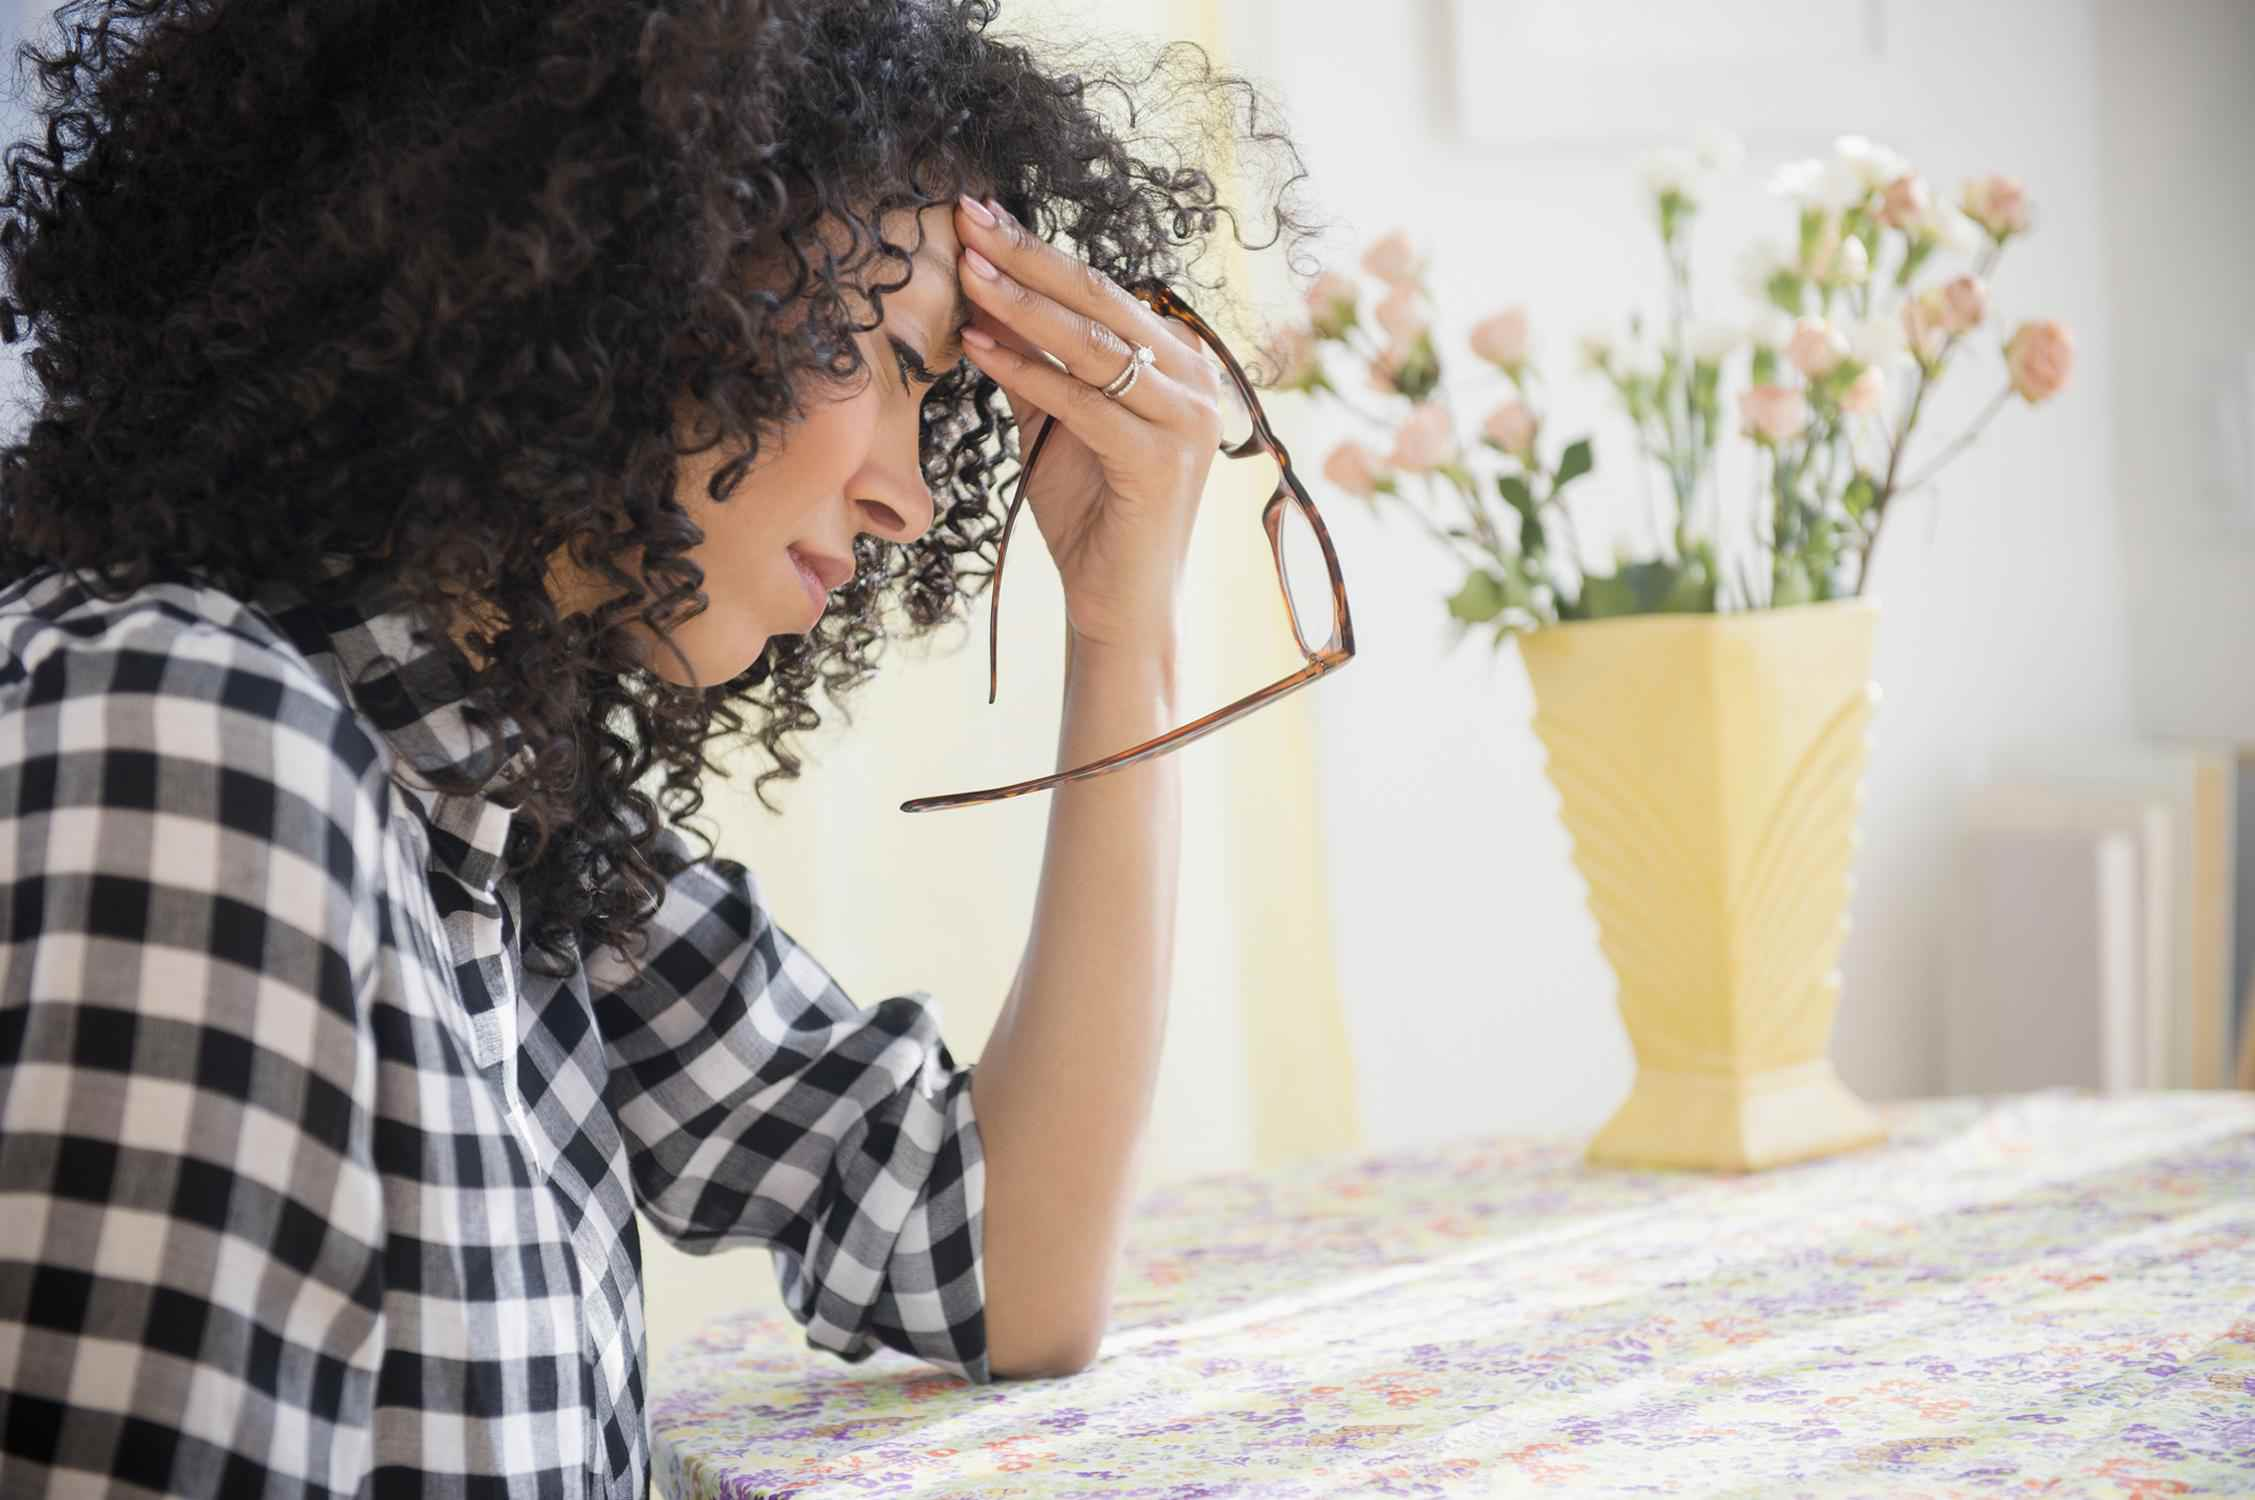 Ein Bild von einer Frau schmerzt